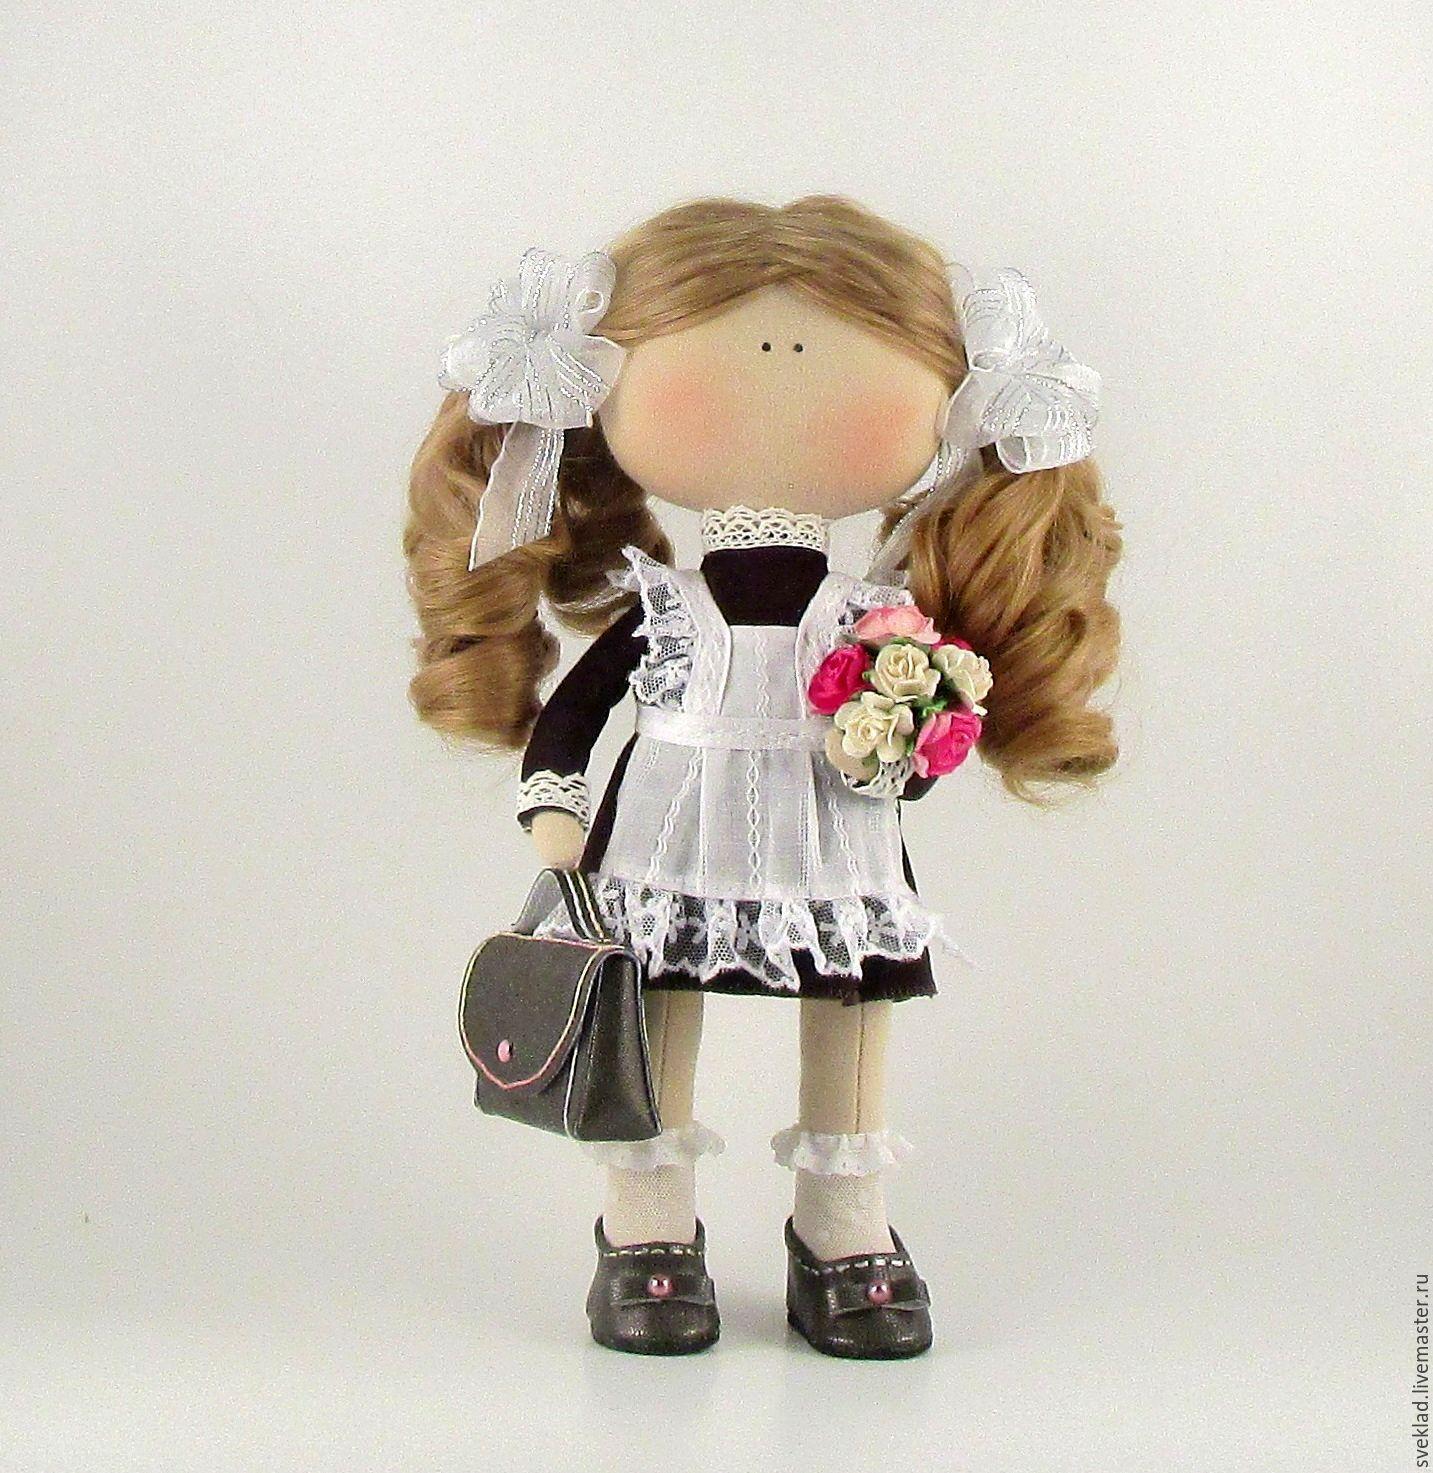 Кукла ученица своими руками